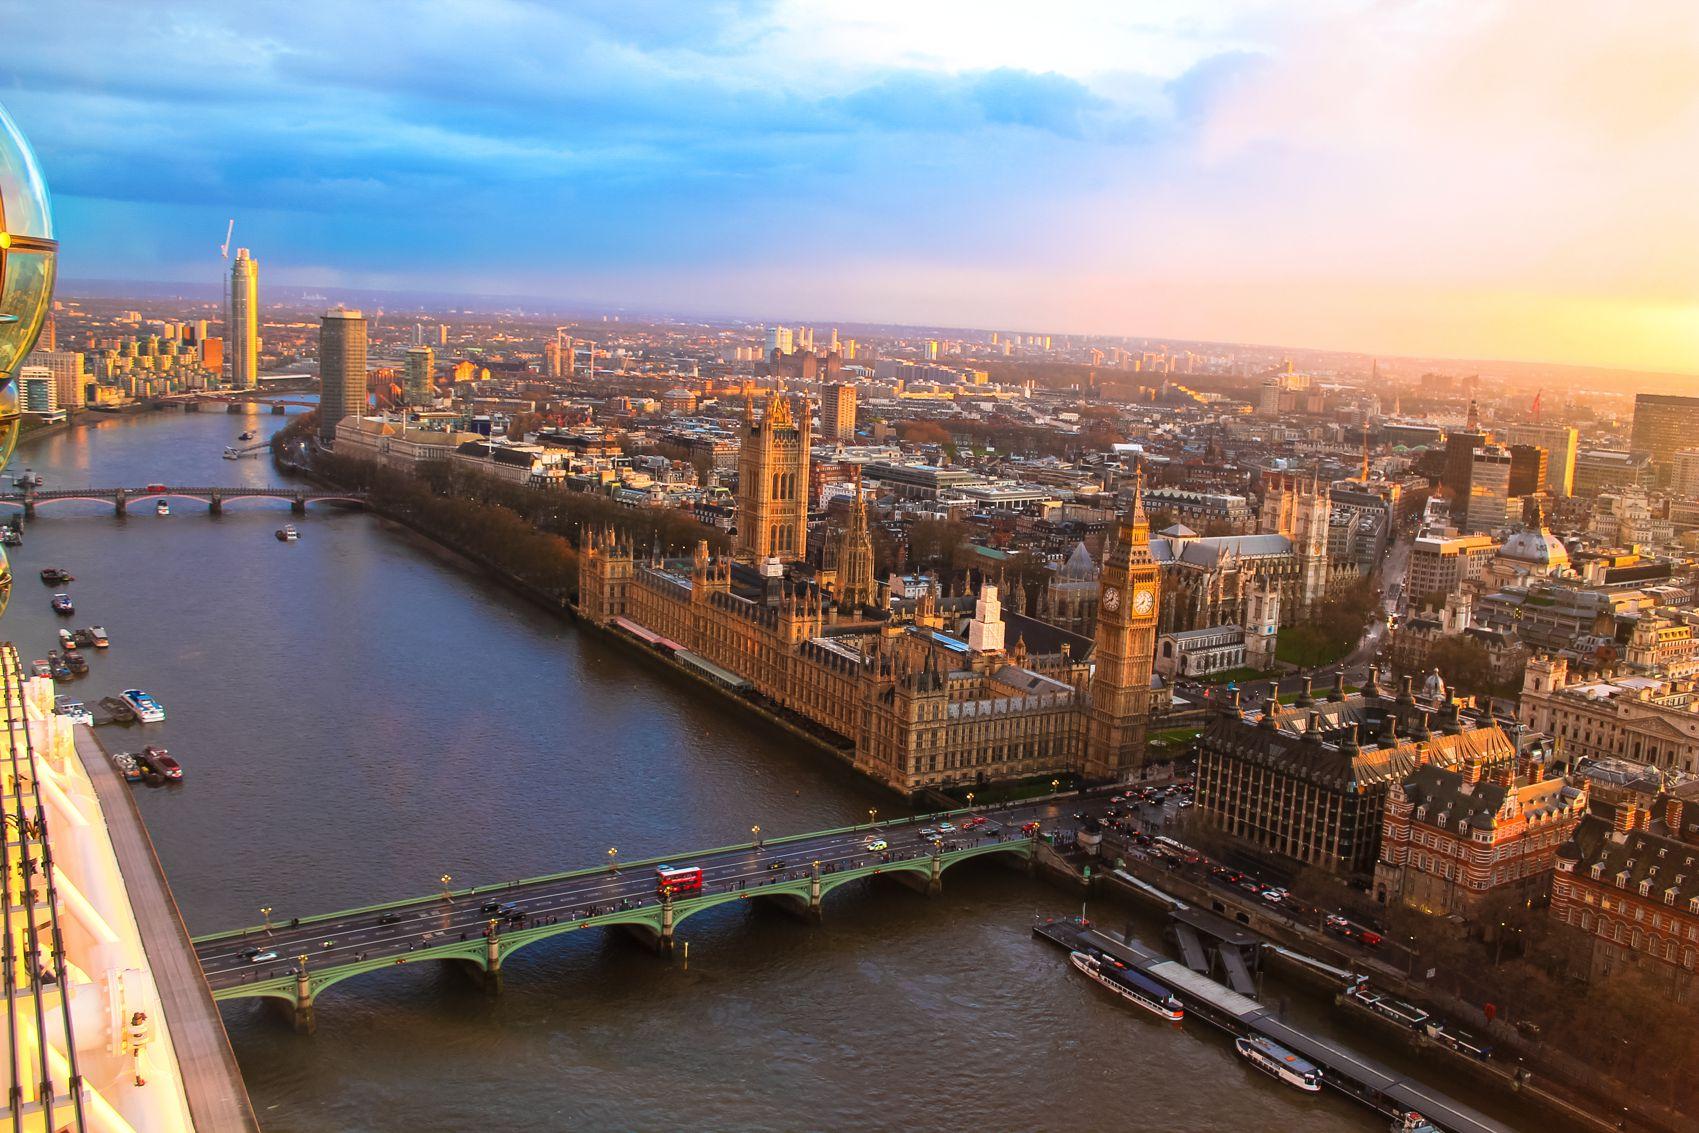 красивые фотографии лондона статья